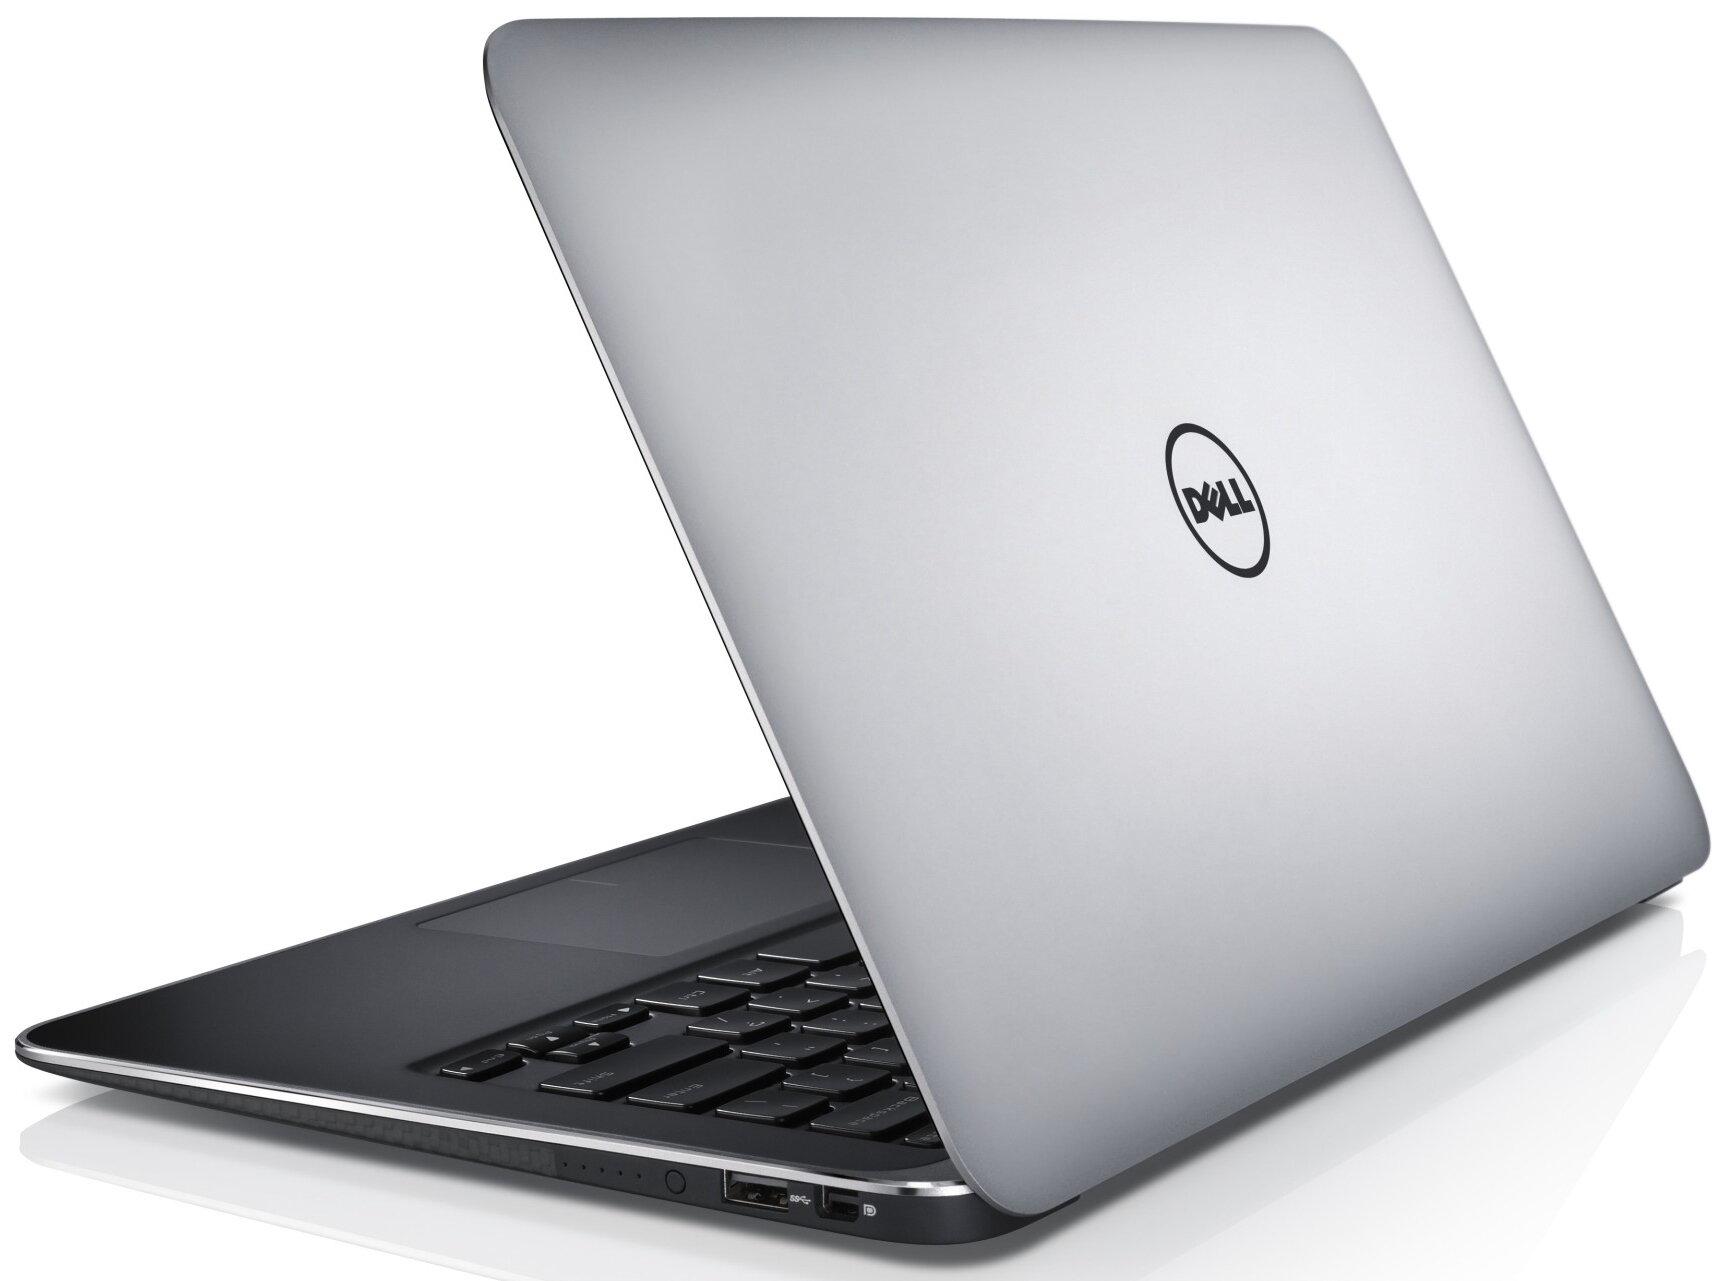 Dell Latitude E6540 – Laptop cấu hình siêu mạnh